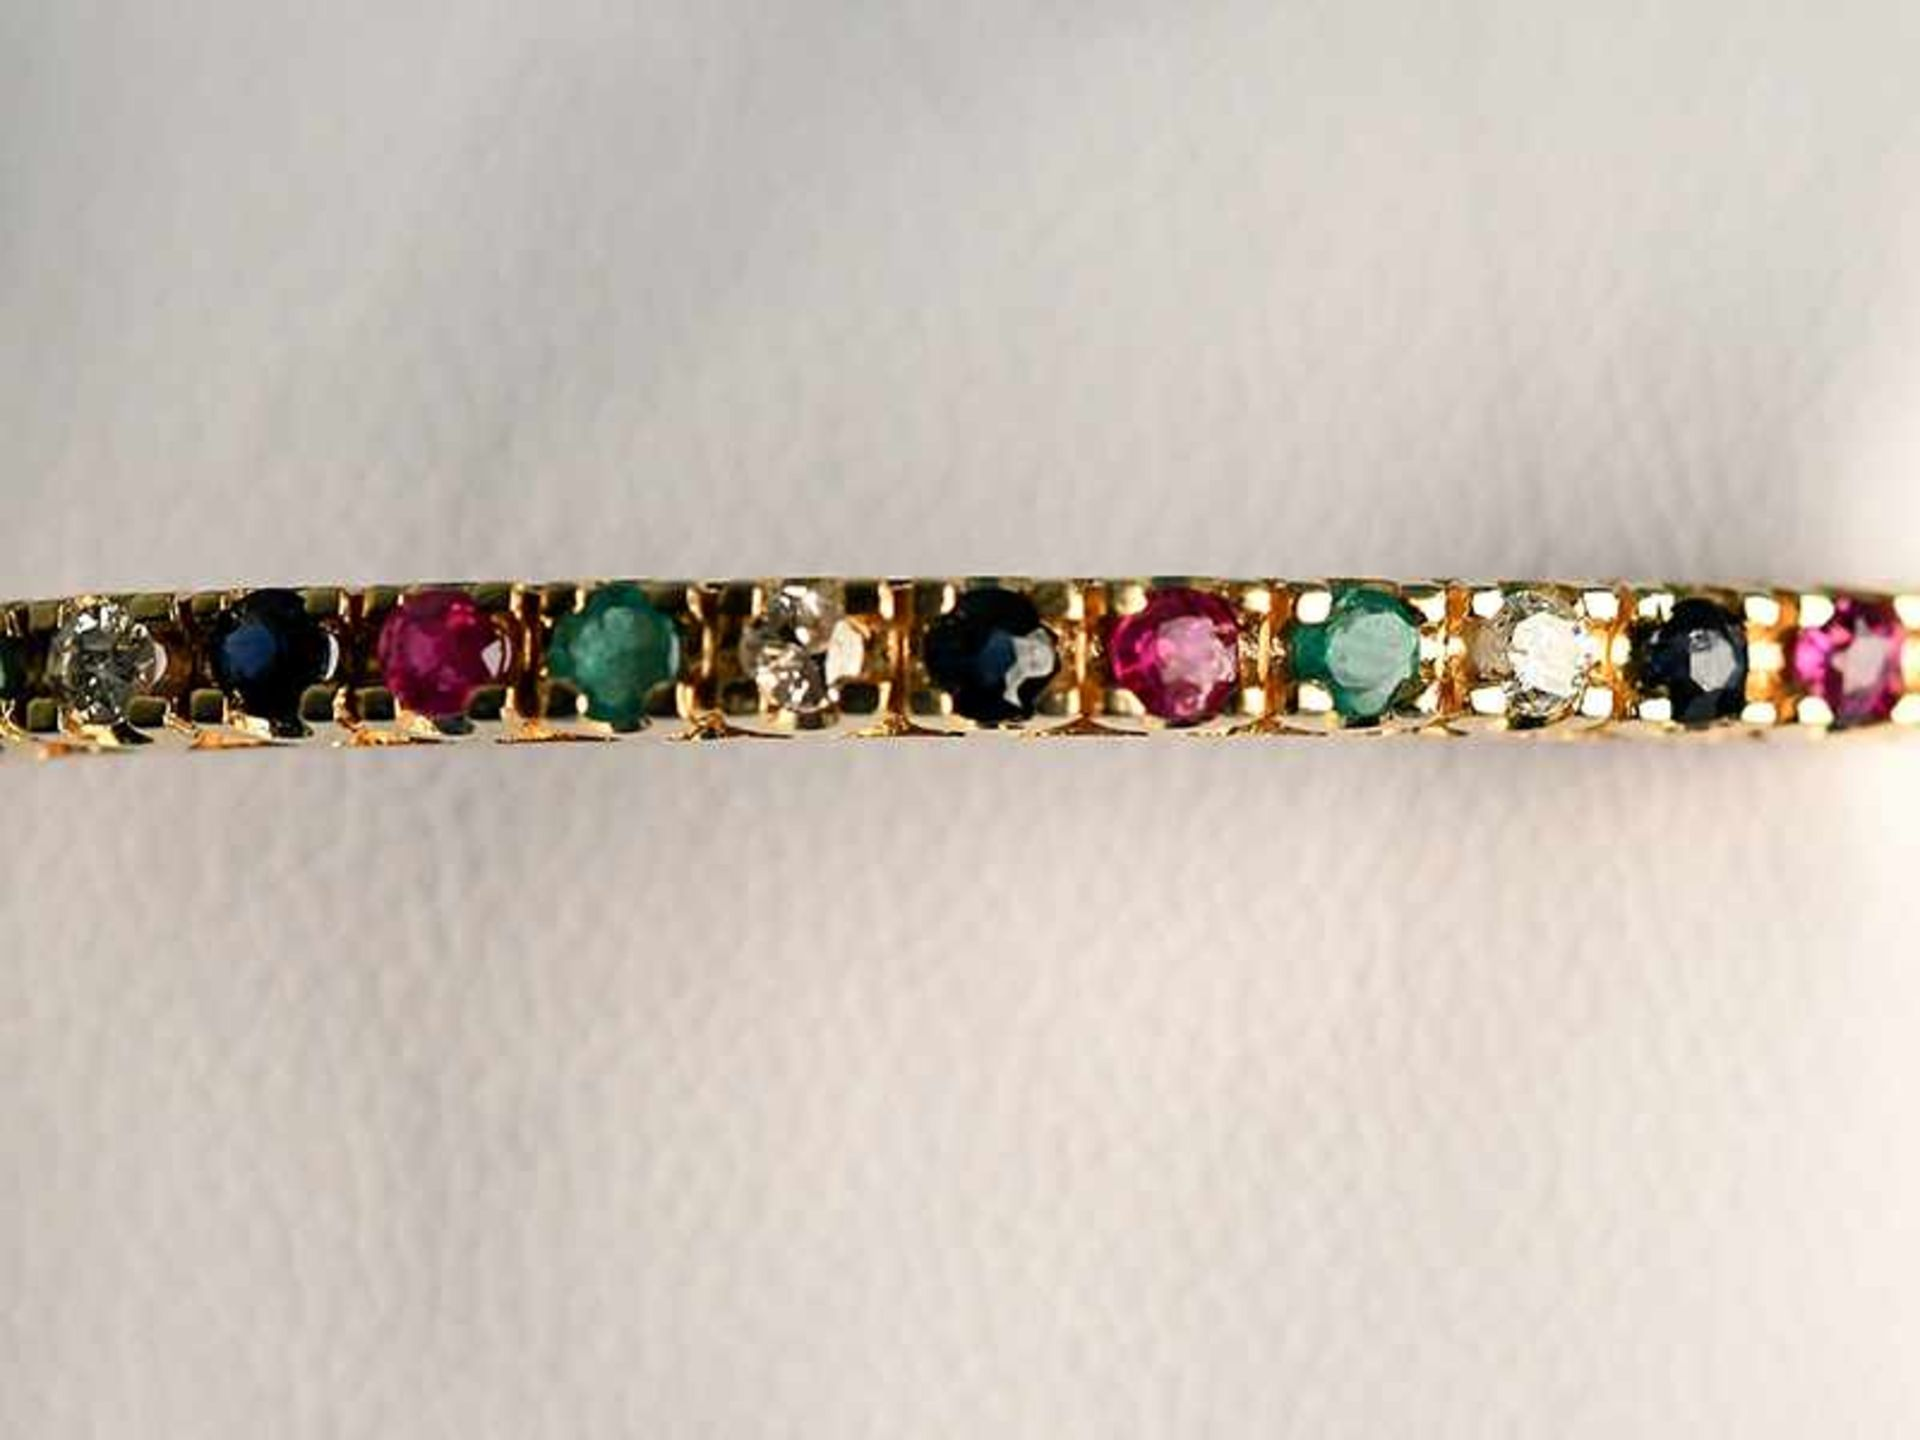 Armreifen mit Rubin, Saphir, Smaragd und Brillanten, zusammen ca. 0,3 ct, 20. Jh. 585/- Gelbgold.